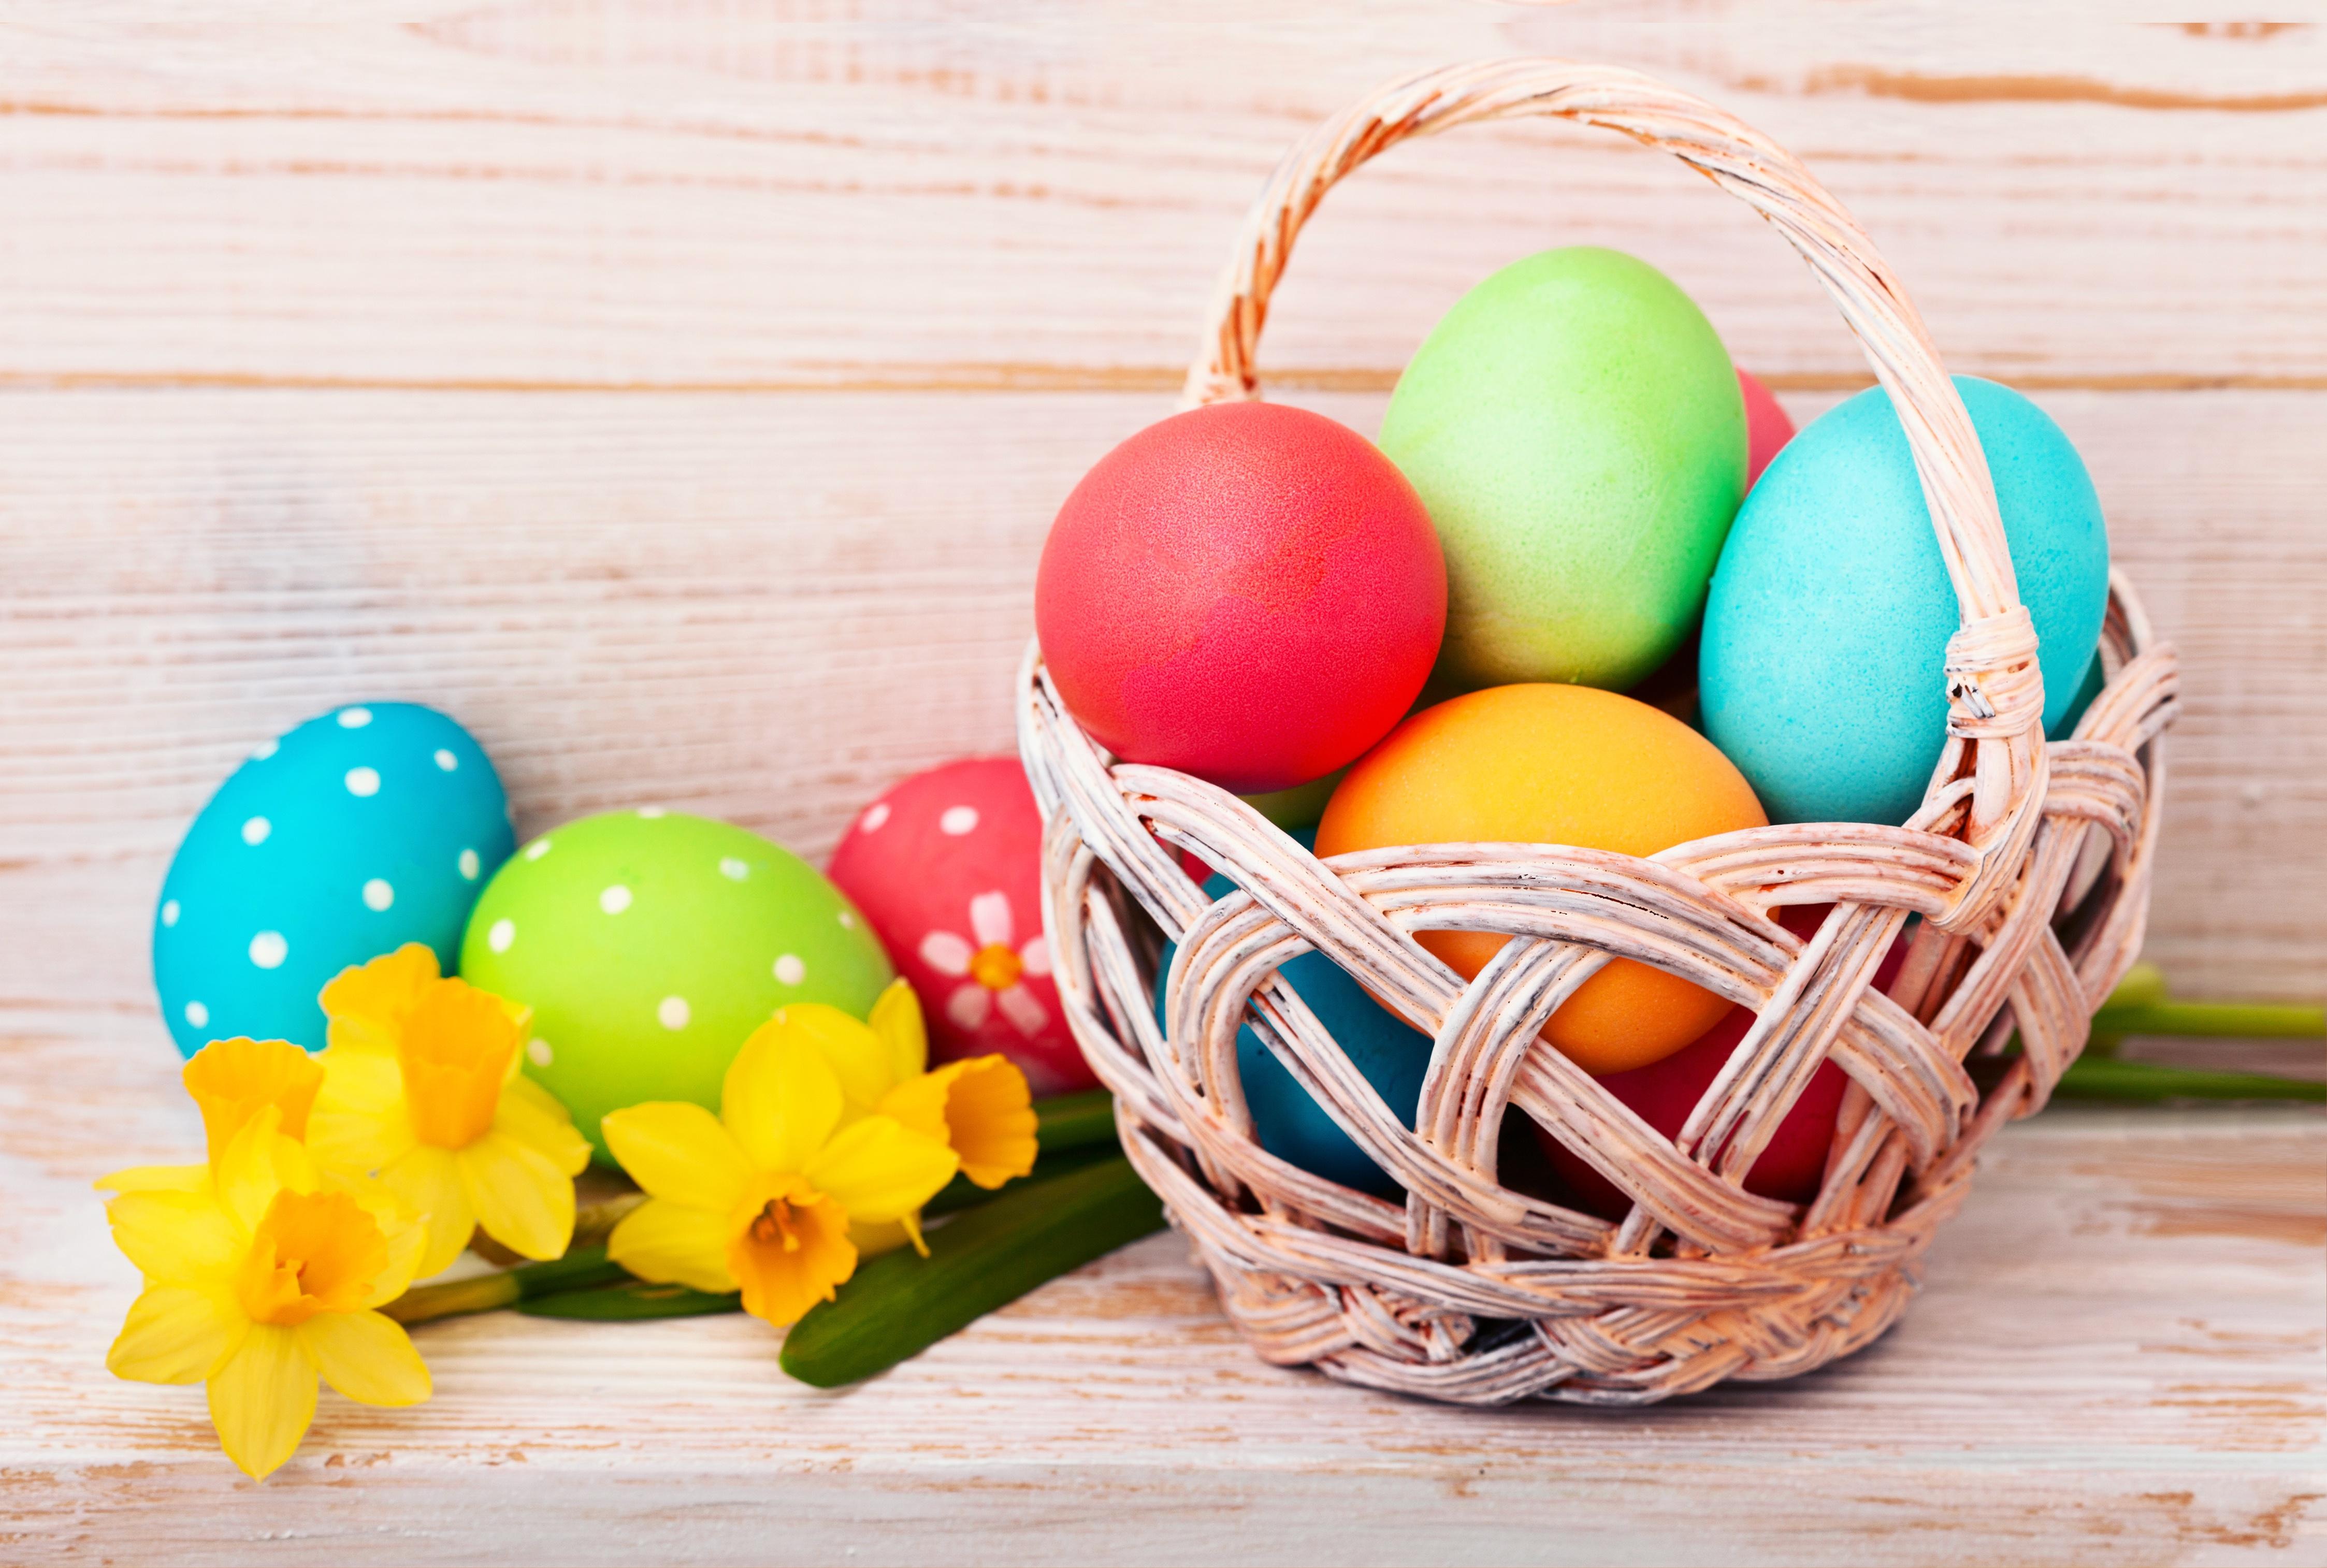 Картинка с пасхальными яйцами